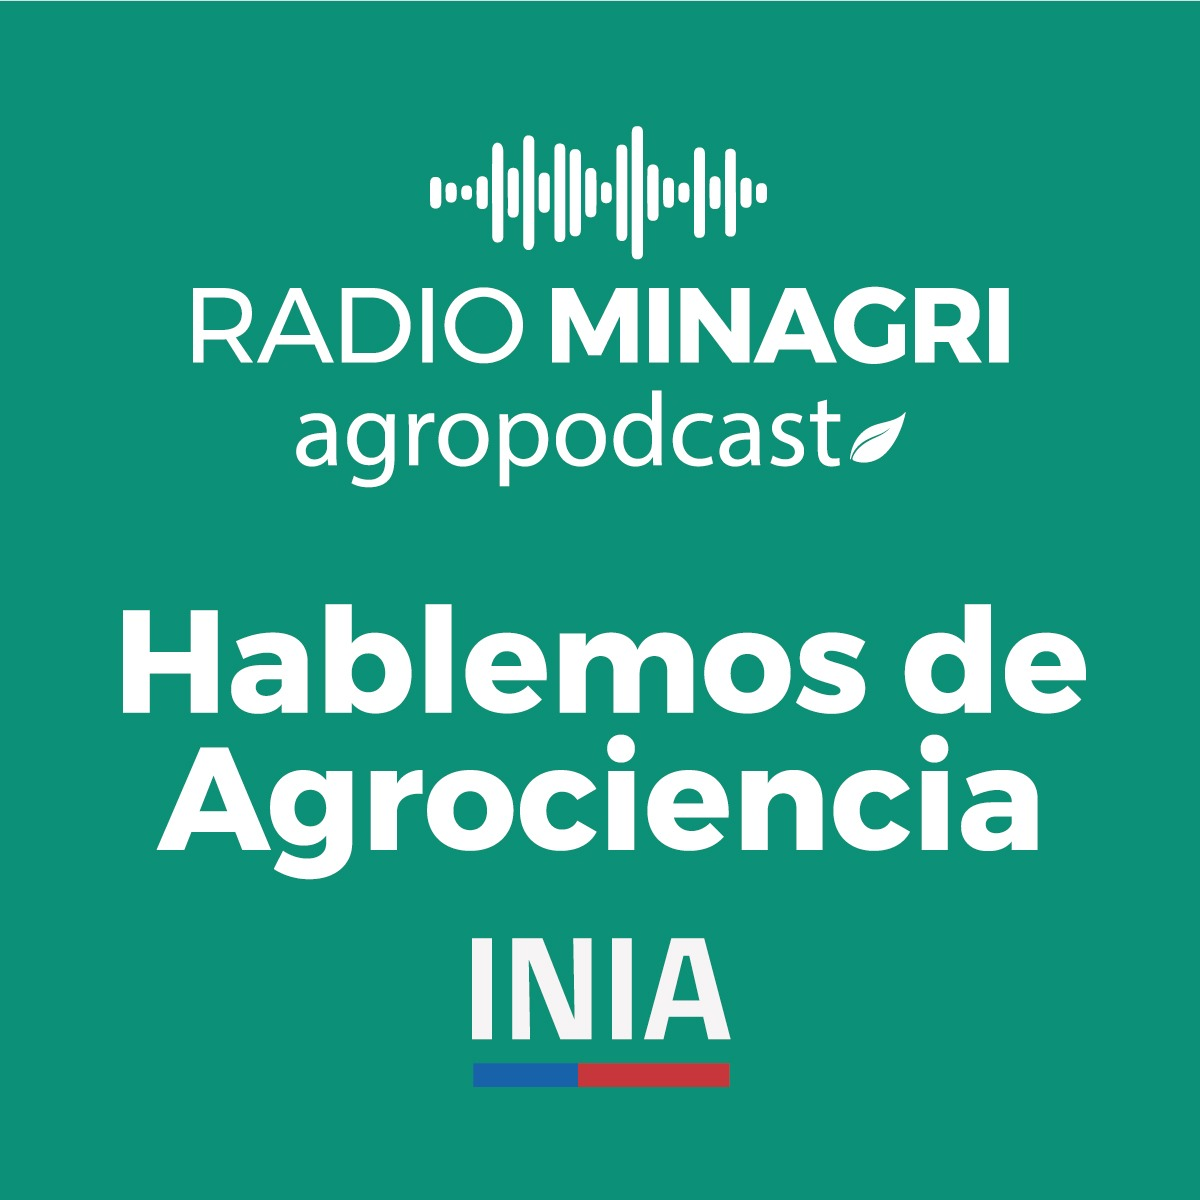 Hablemos de agrociencia – Episodio 5: Expo INIA 2020